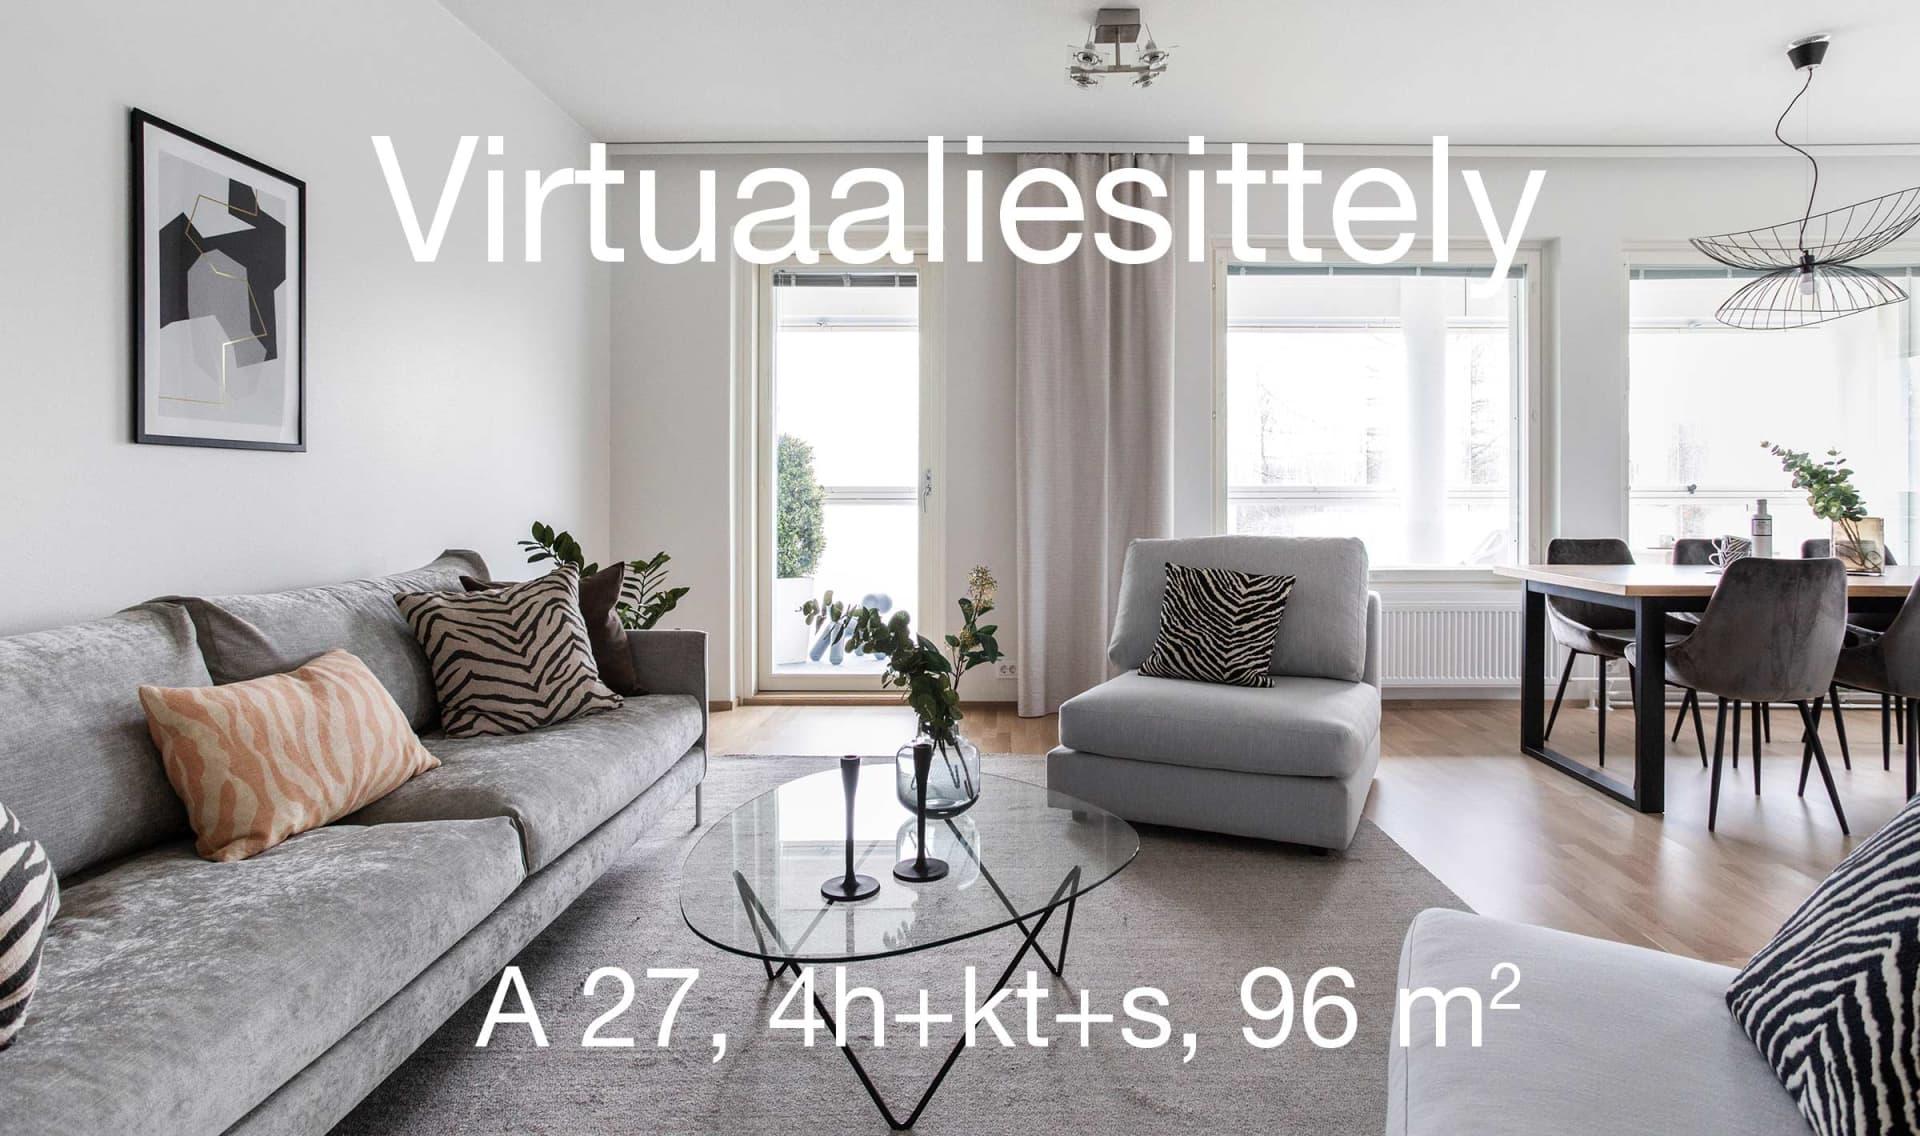 Asunto Oy Lahden Rantakukka, virtuaaliesittely 4h+kt+s